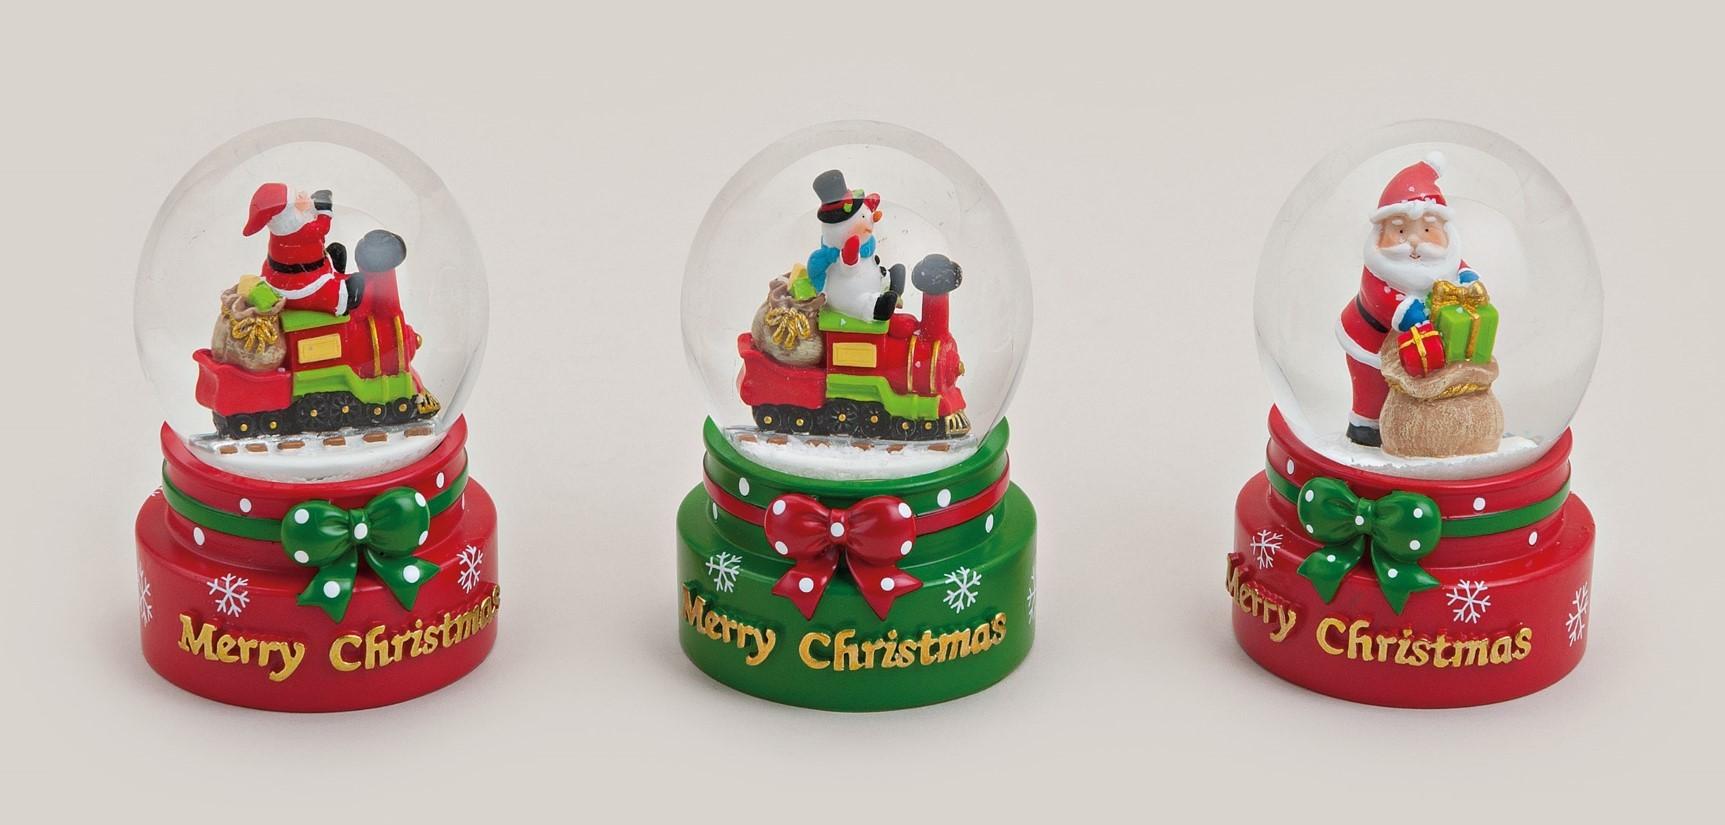 Lot de 22 boules de neige de Noël 7cm 3modèles assortis